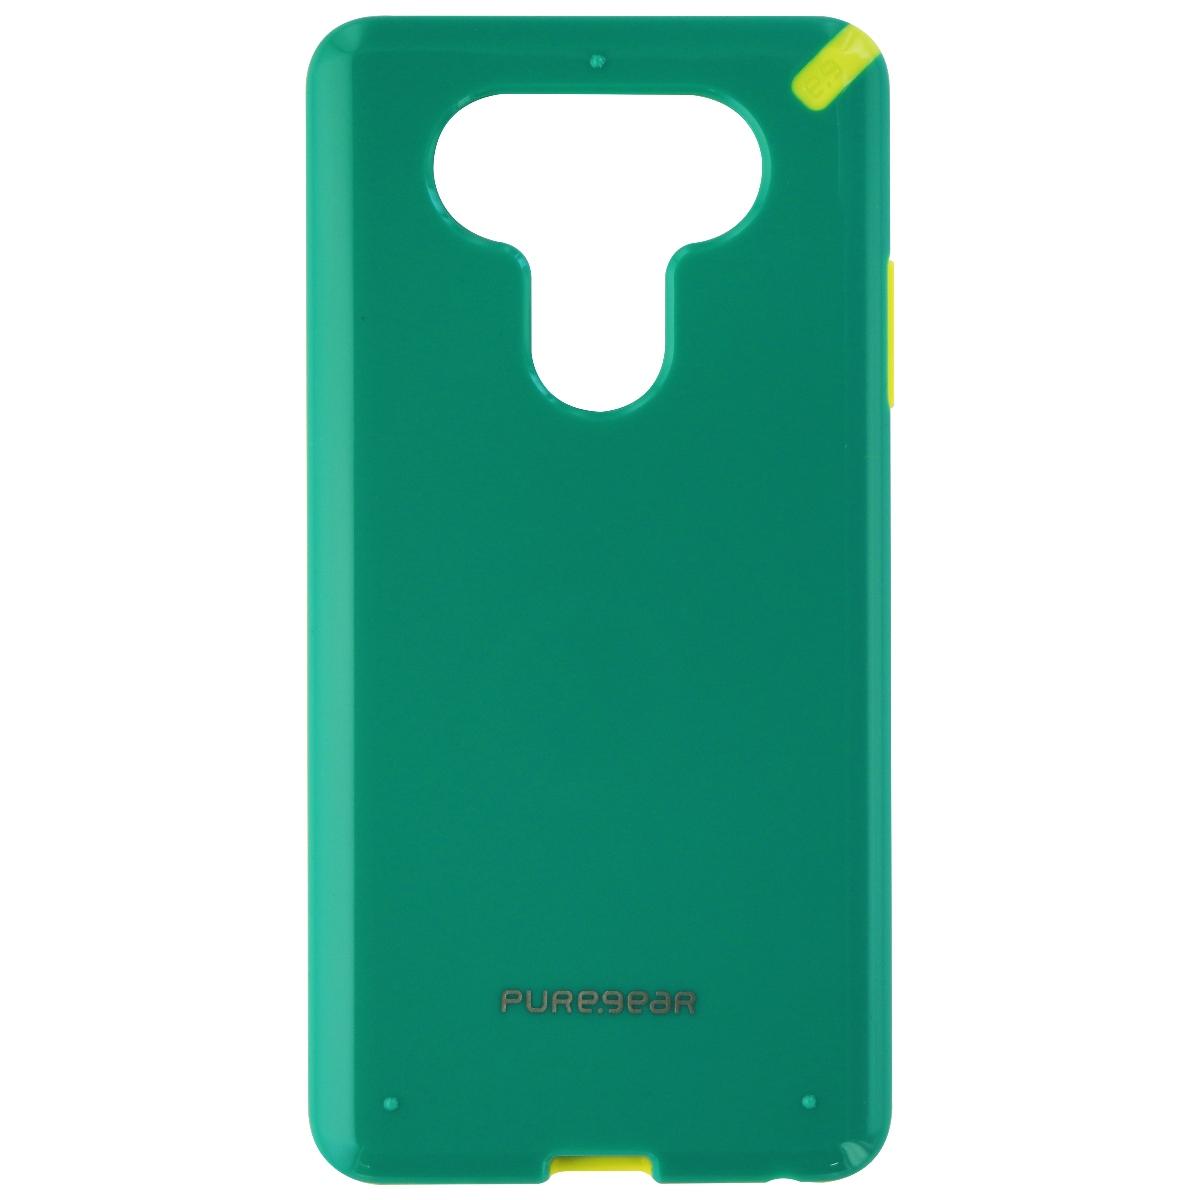 PureGear Slim Shell Series Hardshell Case Cover for LG V20 - Green/Yellow